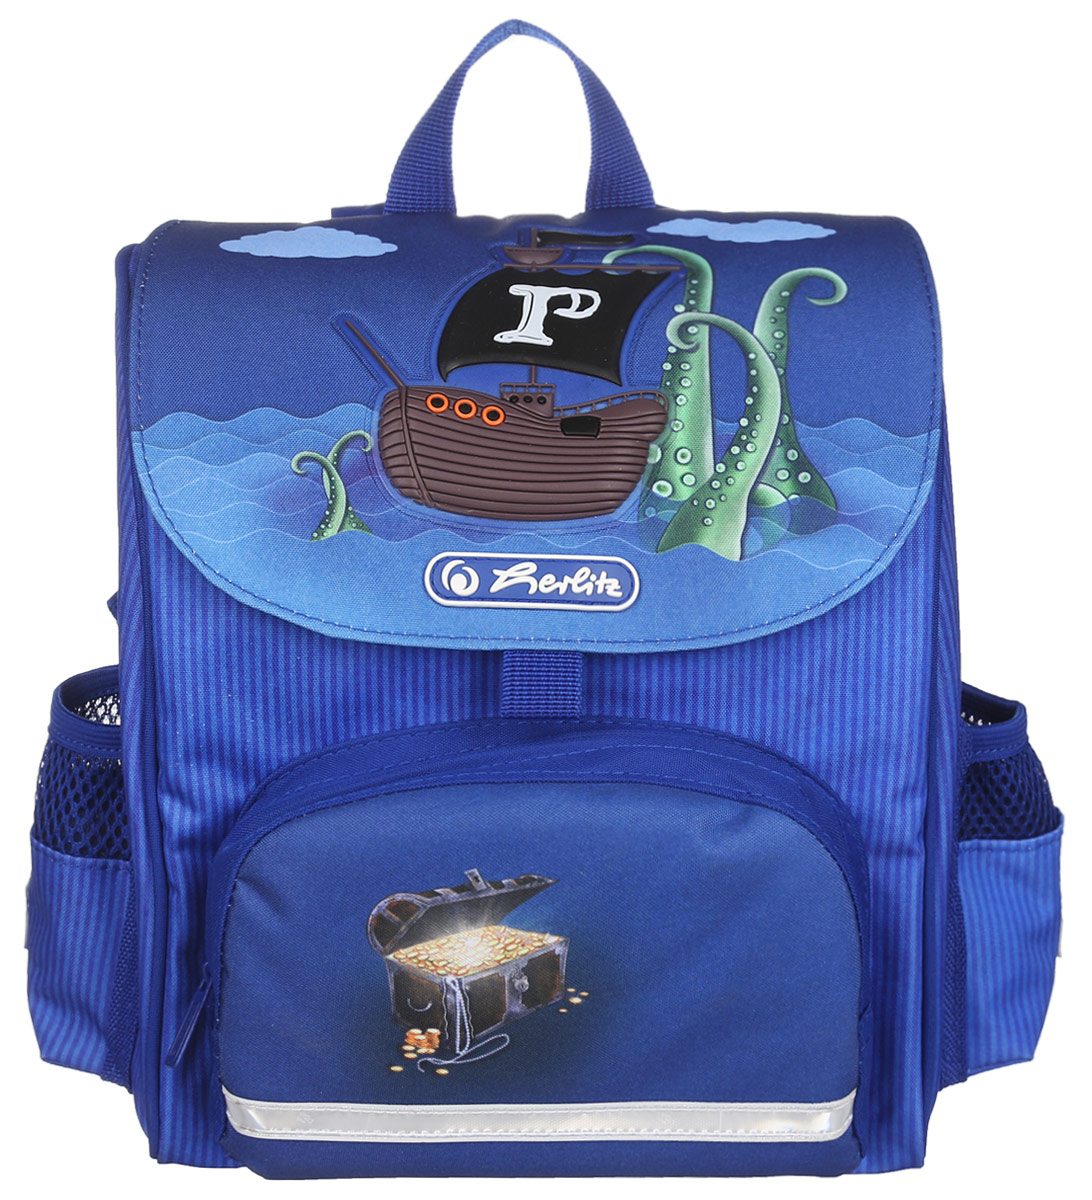 Herlitz Рюкзак дошкольный Mini Softbag730396Дошкольный рюкзак Herlitz Mini Softbag - это идеальная модель, разработанная специально для дошкольников.Рюкзак оснащен всеми деталями взрослого школьного изделия. Рюкзак имеет одно просторное внутреннее отделение, закрывающееся клапаном на липучку. На лицевой стороне рюкзака находится накладной карман на молнии, а по бокам - два открытых кармана на резинках. В рюкзак превосходно поместятся цветные мелки, книжки-раскраски и игрушки. Рюкзак легко открывается и закрывается благодаря застежке на липучке Velcro Fastener.Ортопедическая спинка, созданная по специальной технологии из дышащего материала, равномерно распределяет нагрузку на плечевые суставы и спину. В нижней части спинки расположен поясничный упор - небольшой валик, на который при правильном ношении рюкзака будет приходиться основная нагрузка.Изделие оснащено удобной текстильной ручкой для переноски в руке и двумя лямками регулируемой длины. У рюкзака имеются светоотражатели.